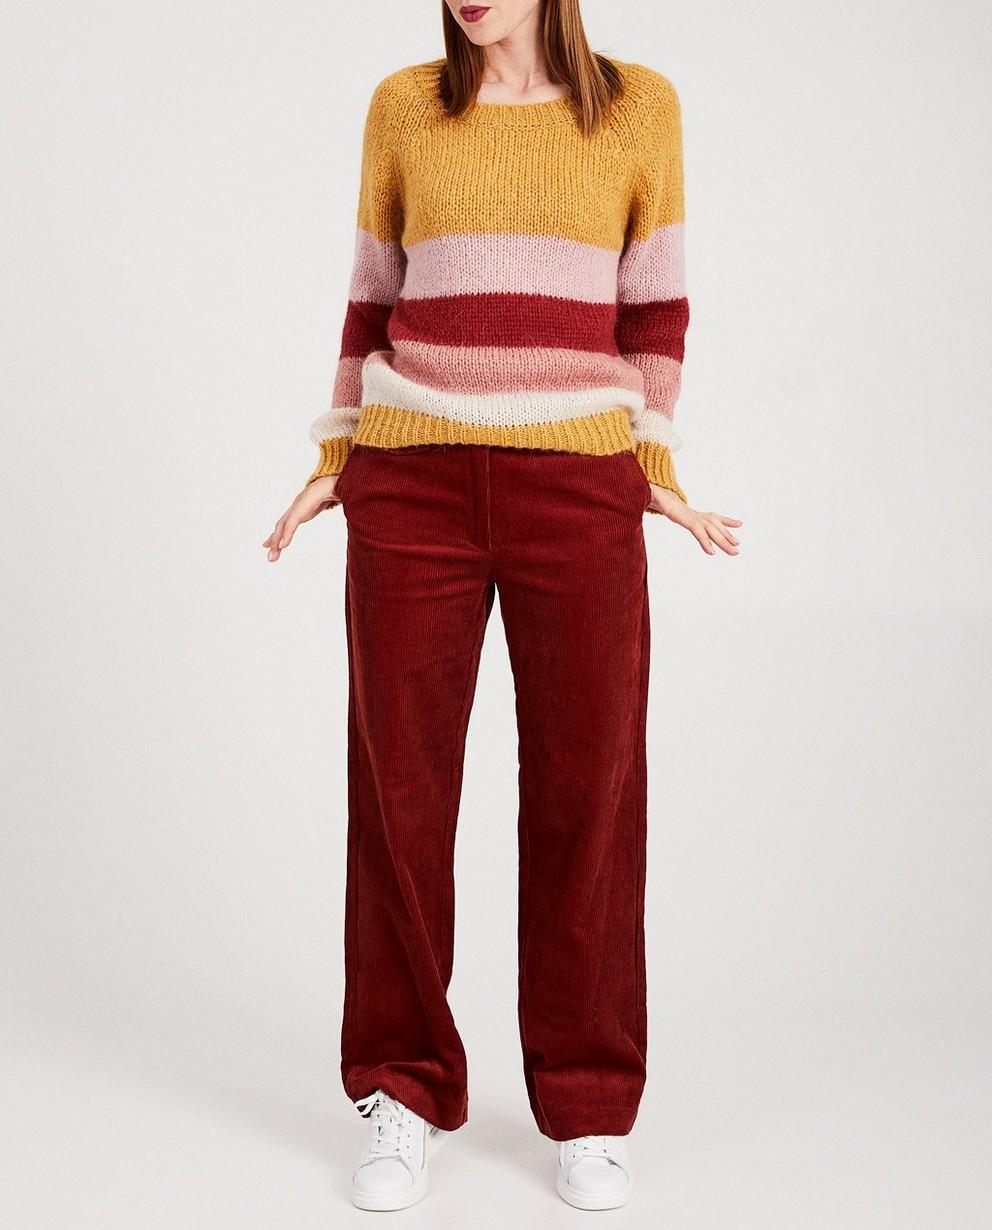 Pantalons - dark red -